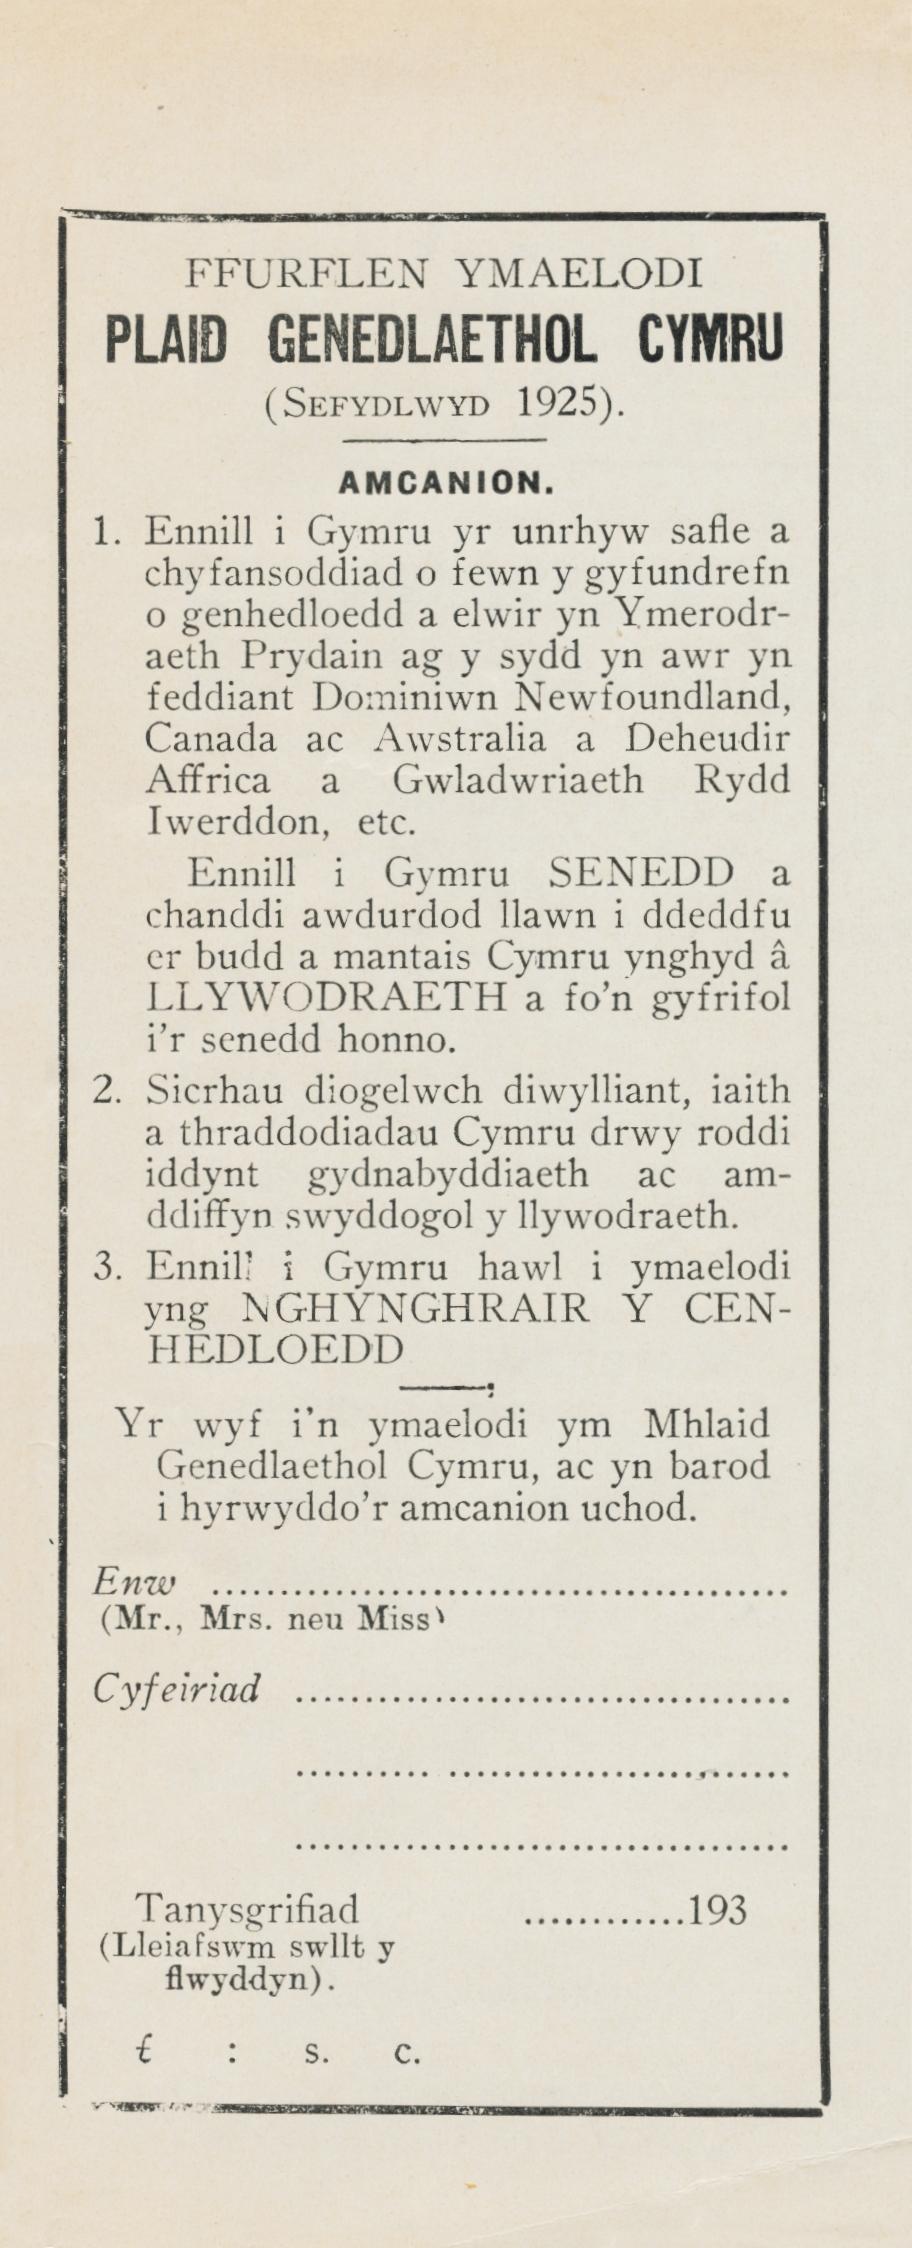 1936 Ffurflen Ymaelodi